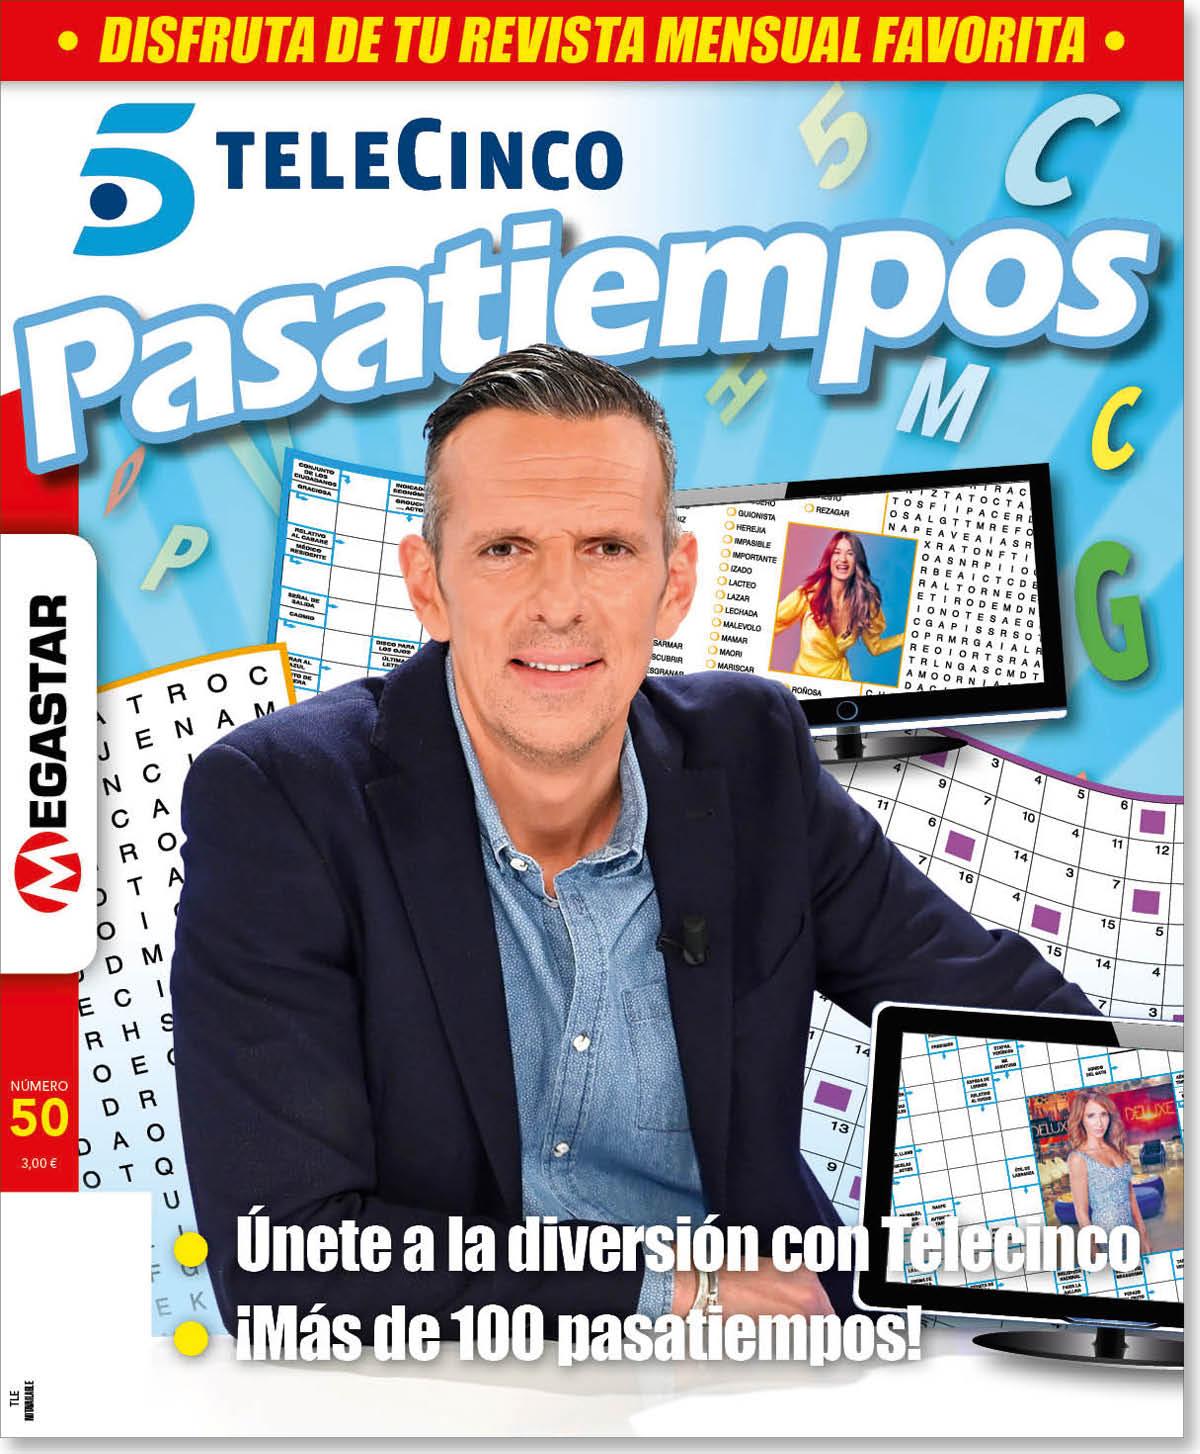 Telecinco Pasatiempos